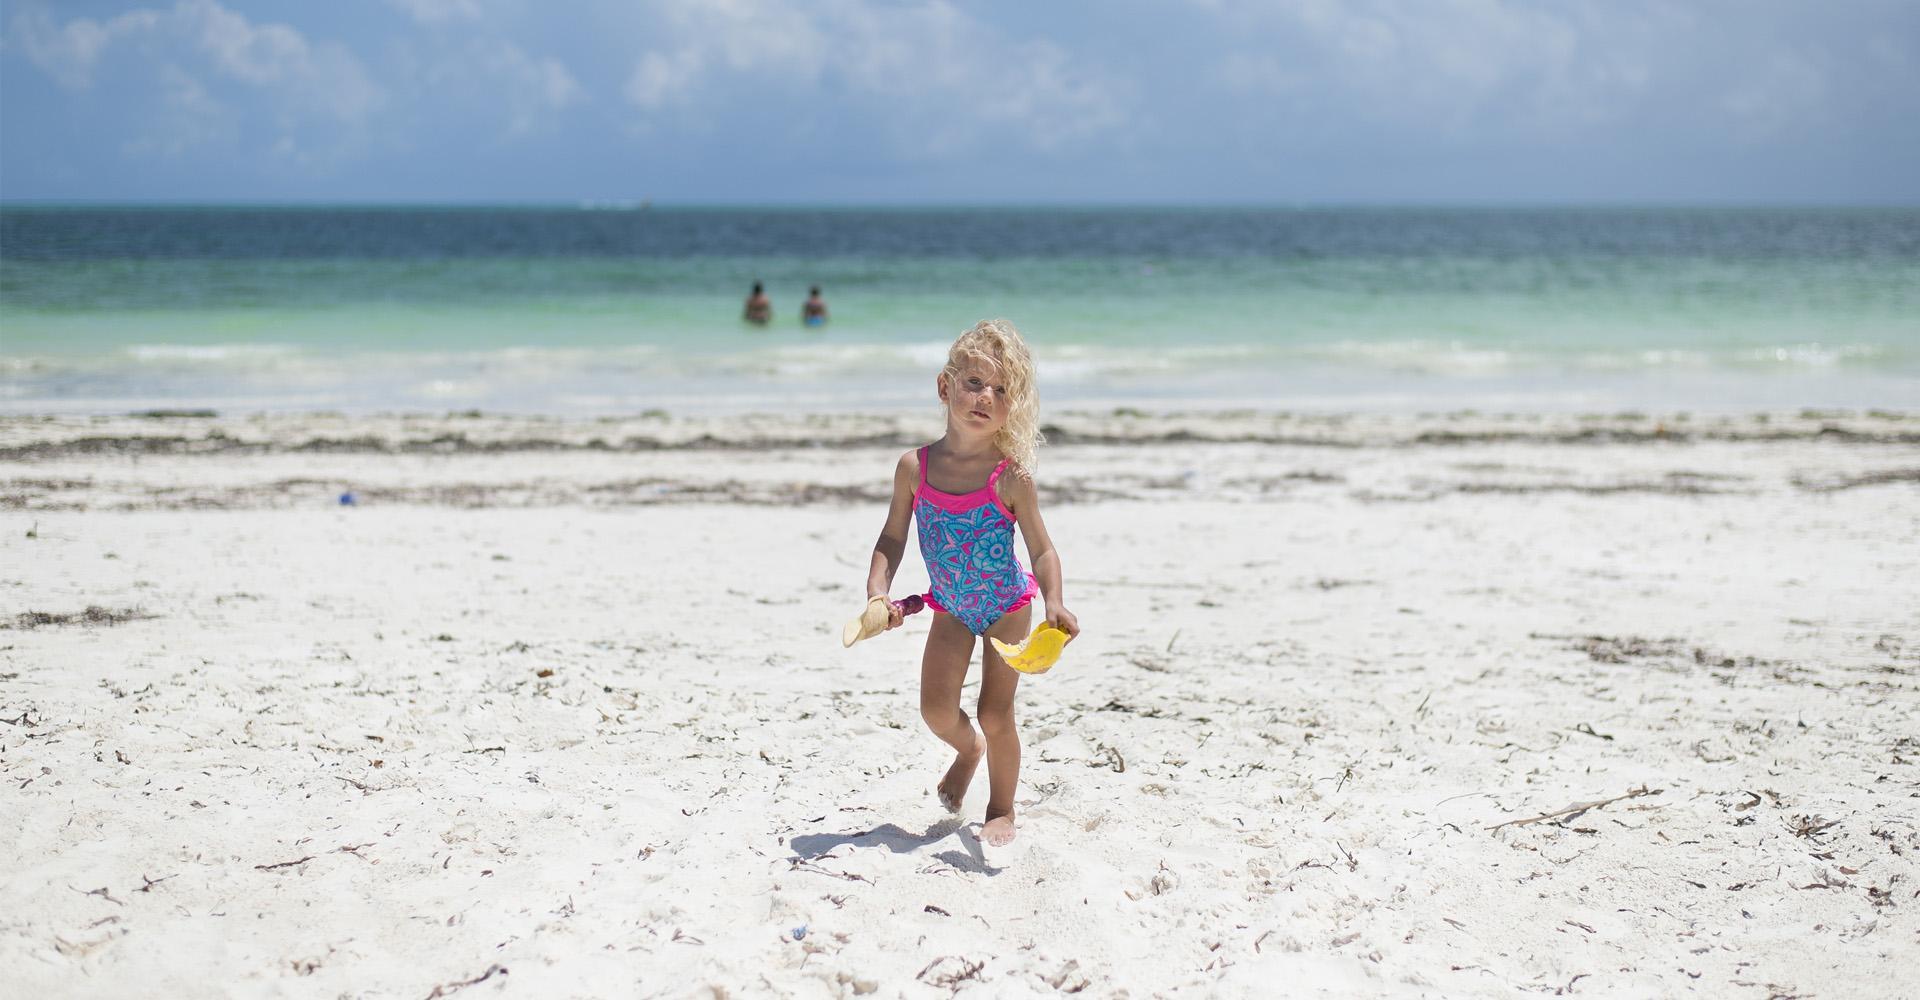 Zabawki do wody i akcesoria, które warto zabrać ze sobą na wakacje.